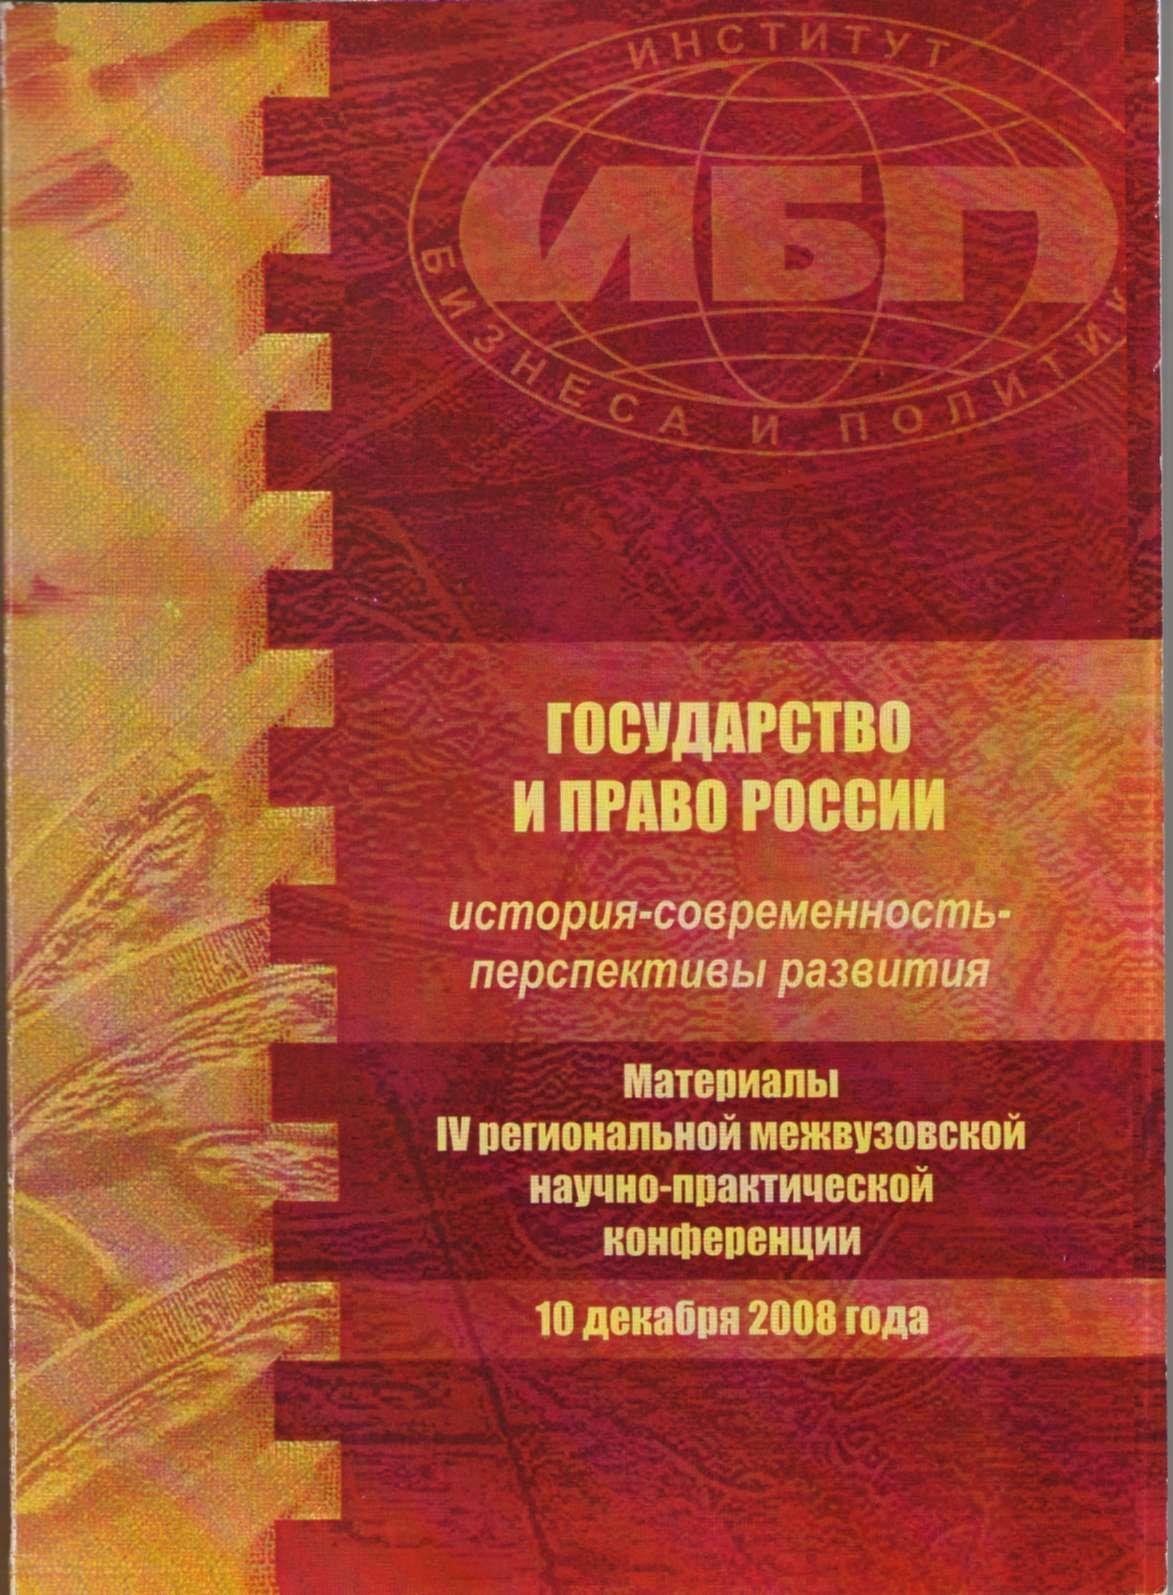 Законодательные и практические меры борьбы с нищенством и бродяжничеством в России XVII - XVIII веков